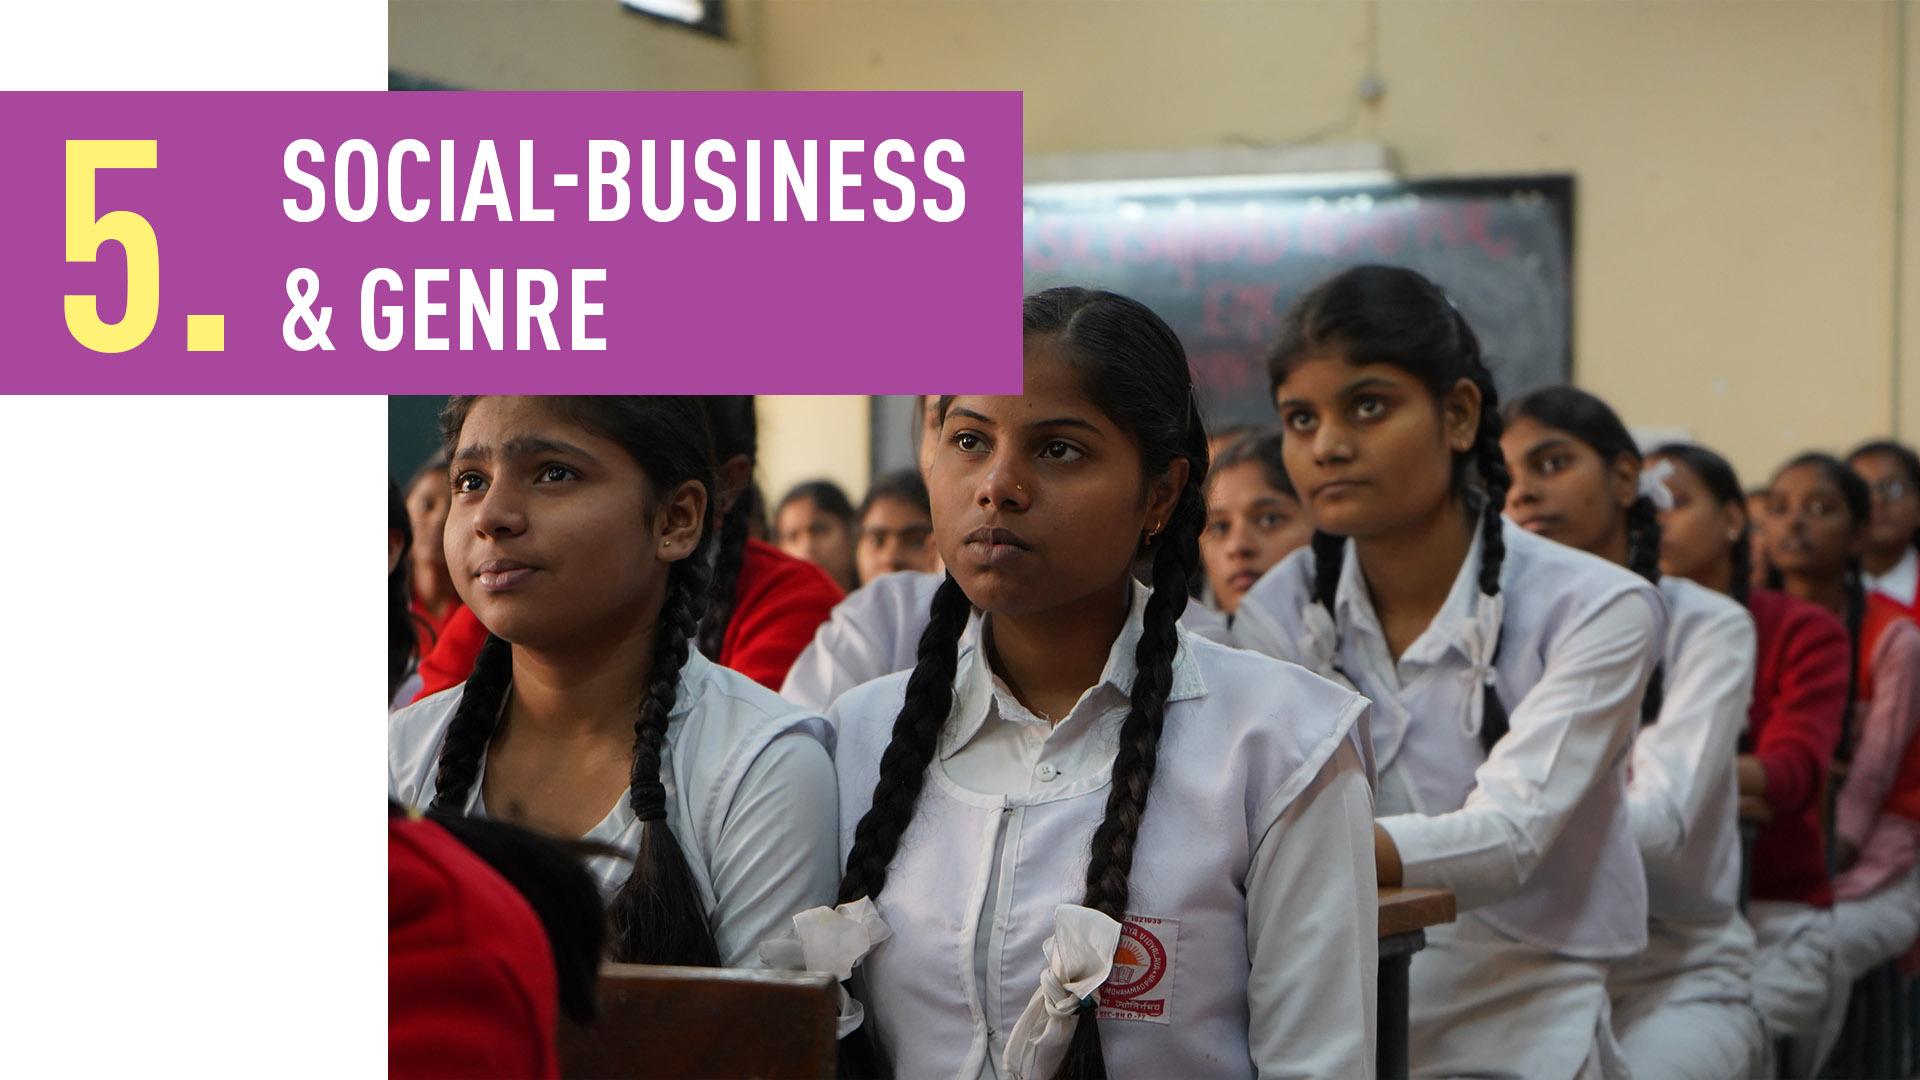 SOCIAL-BUSINESS & GENRE